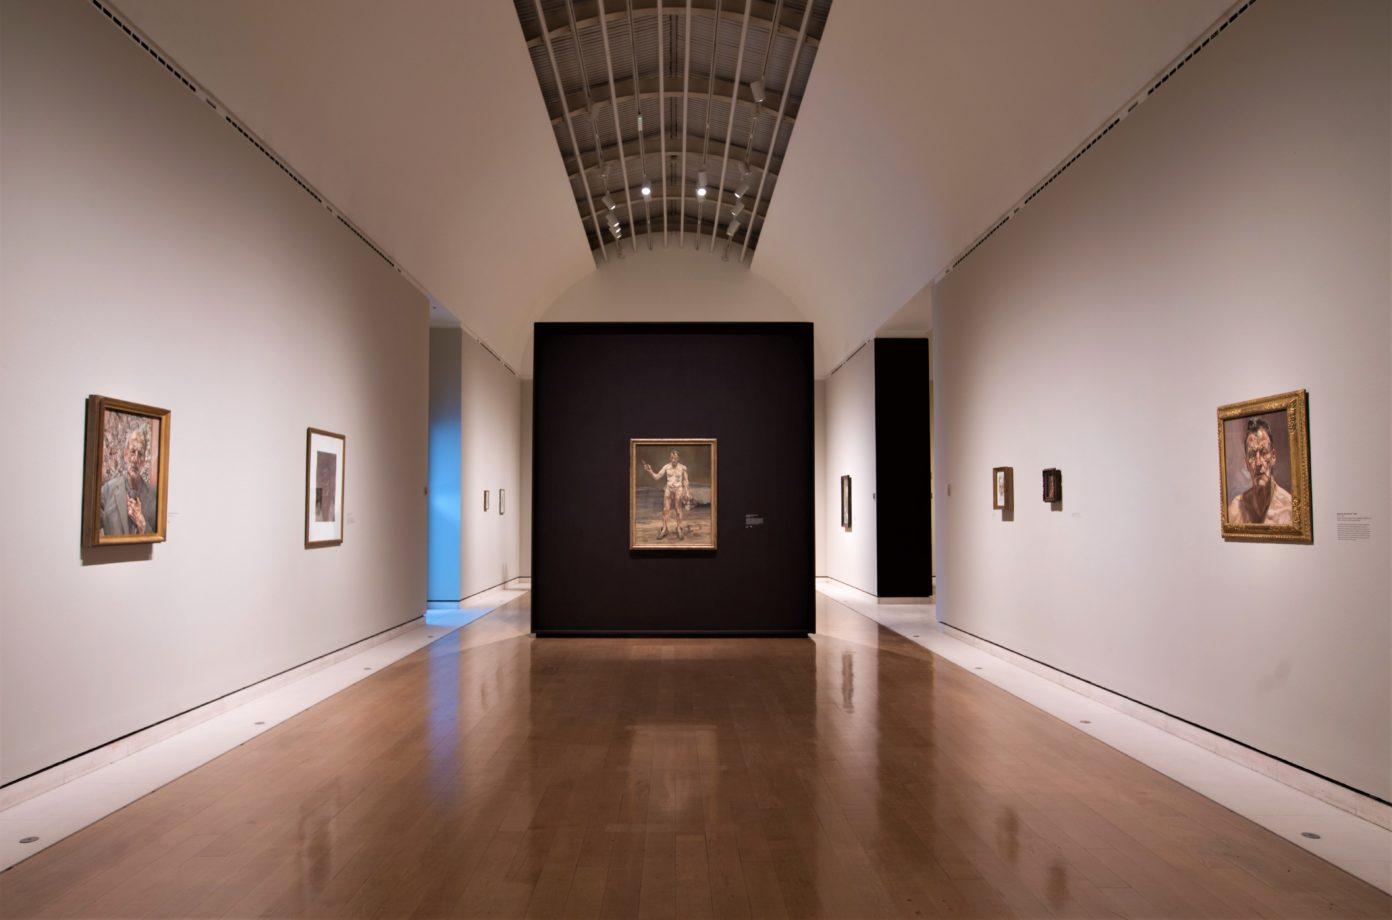 Da un'altra prospettiva #4. L'importanza dell'allestimento nel mondo dell'arte: Giuseppe Fantasia